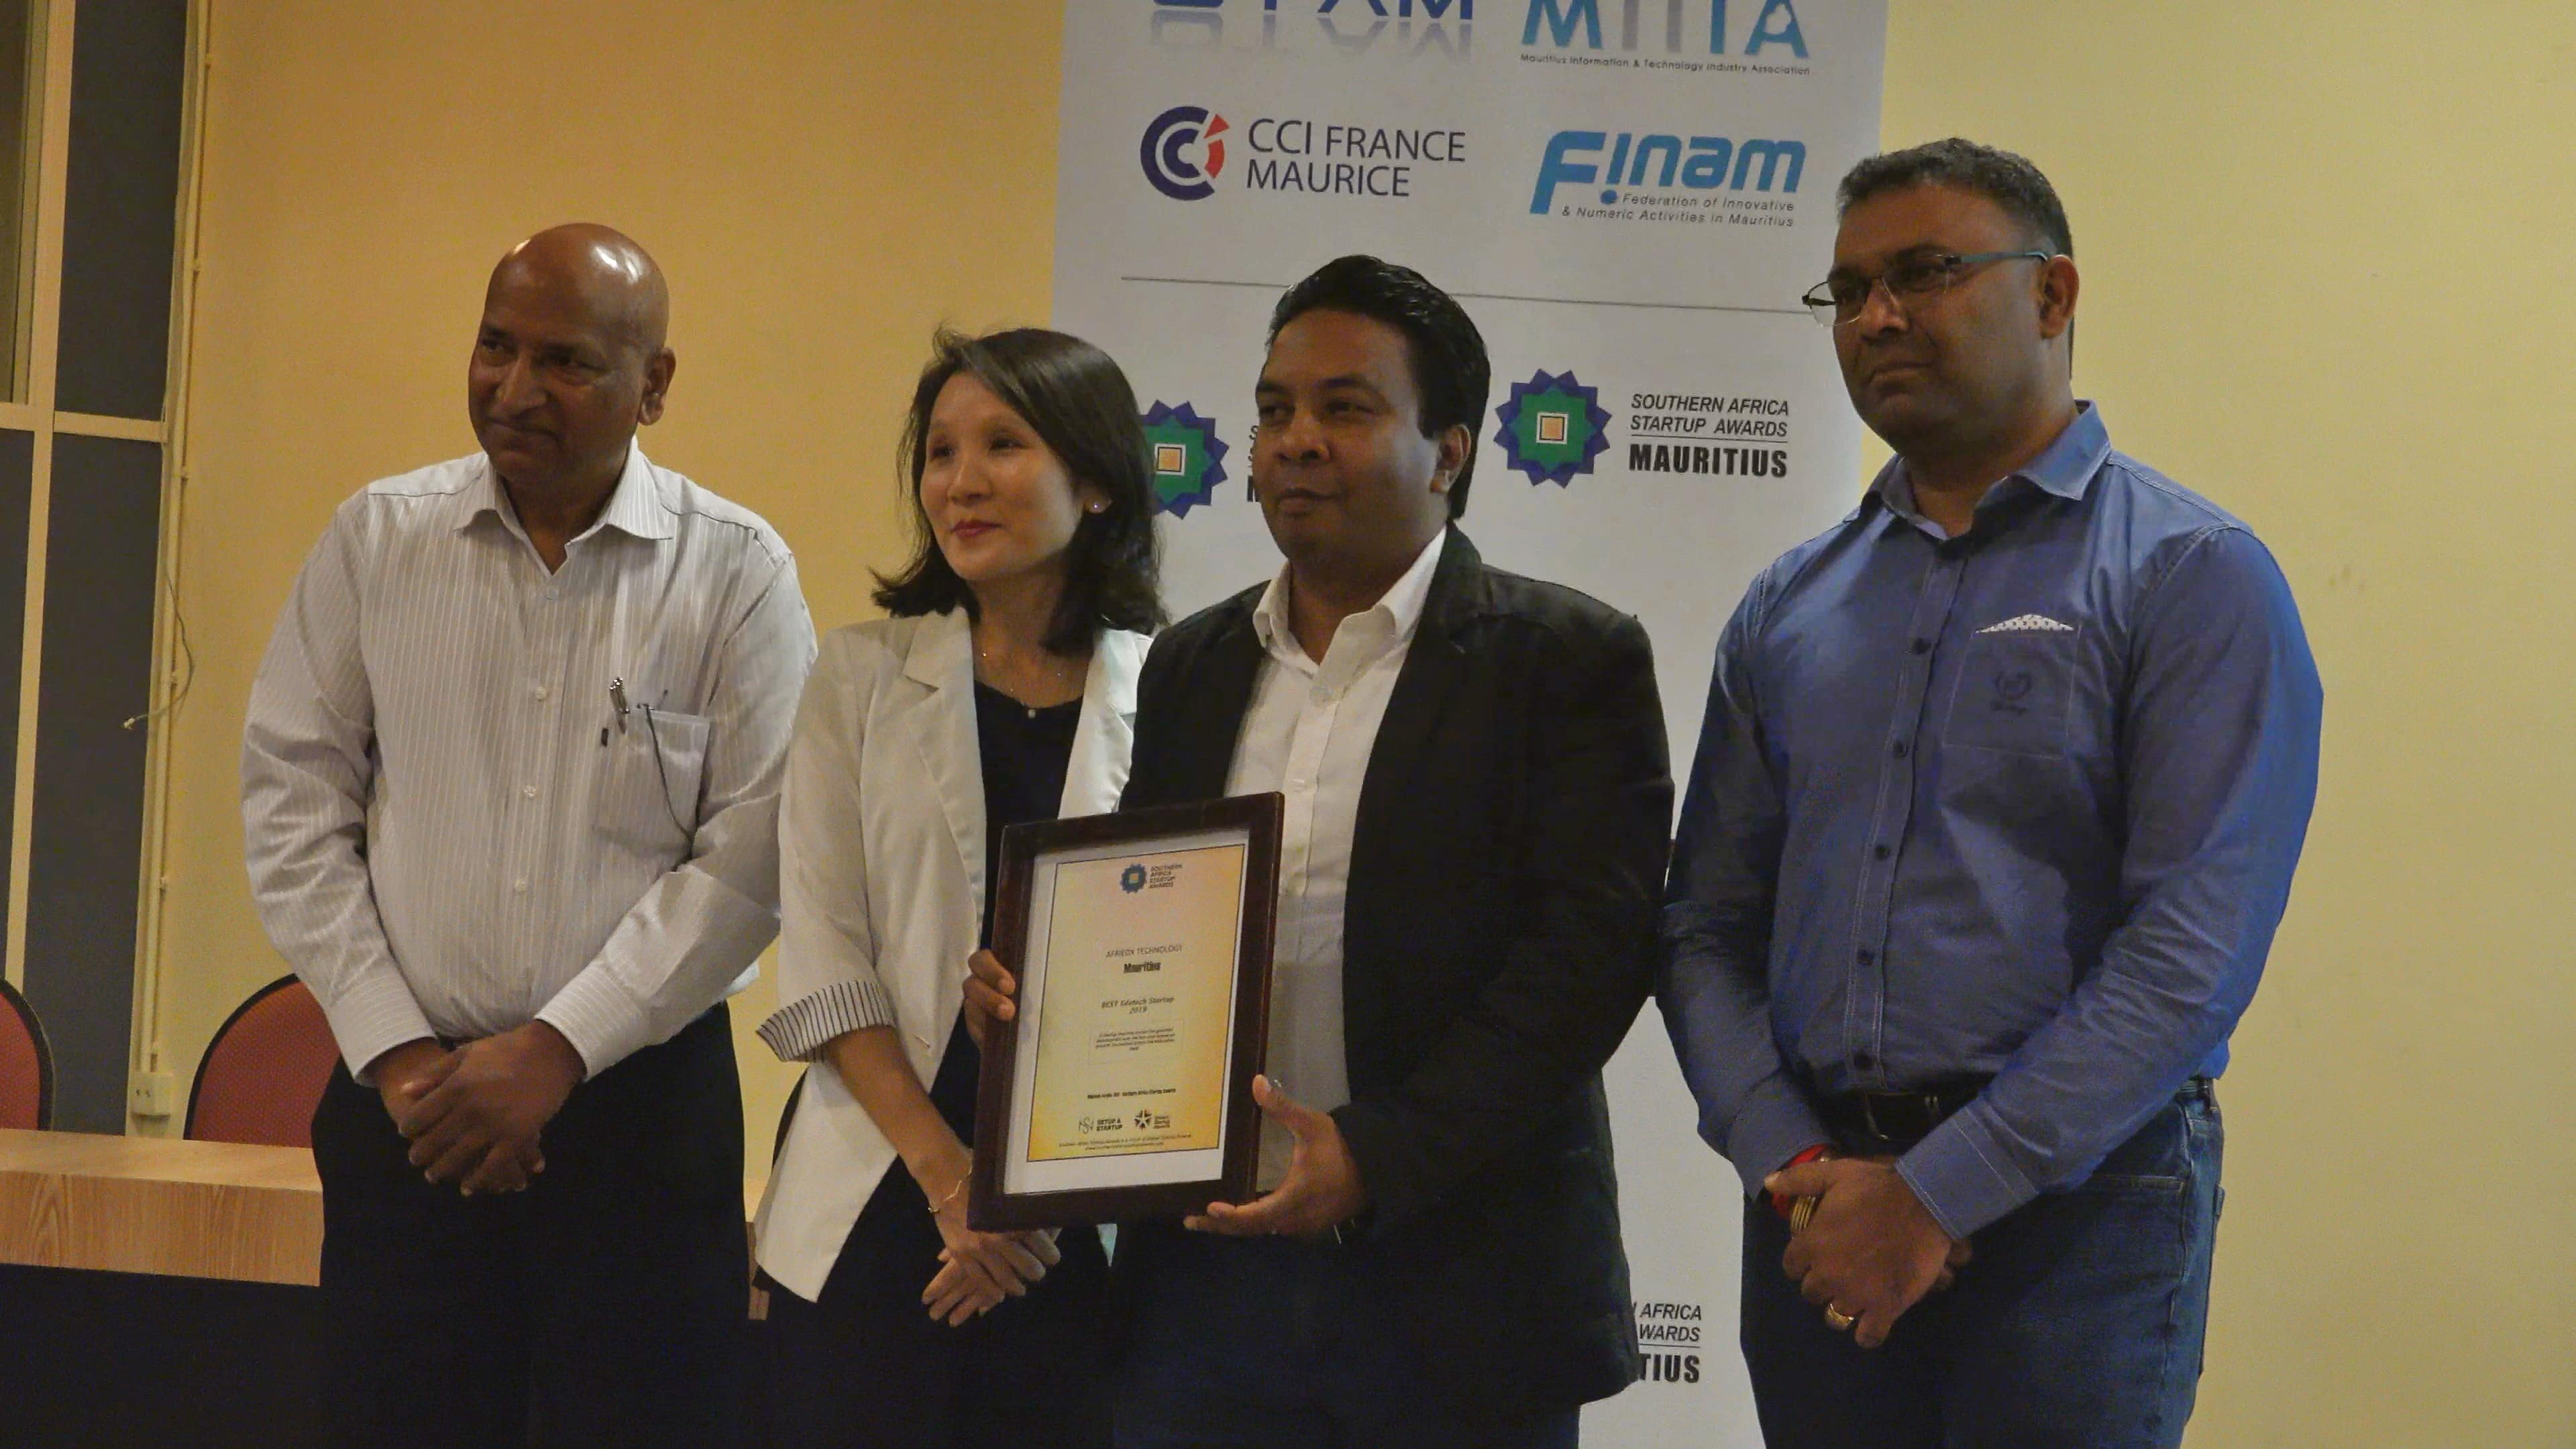 9.Best Edutech Tech- AfriEDX Technology Ltd